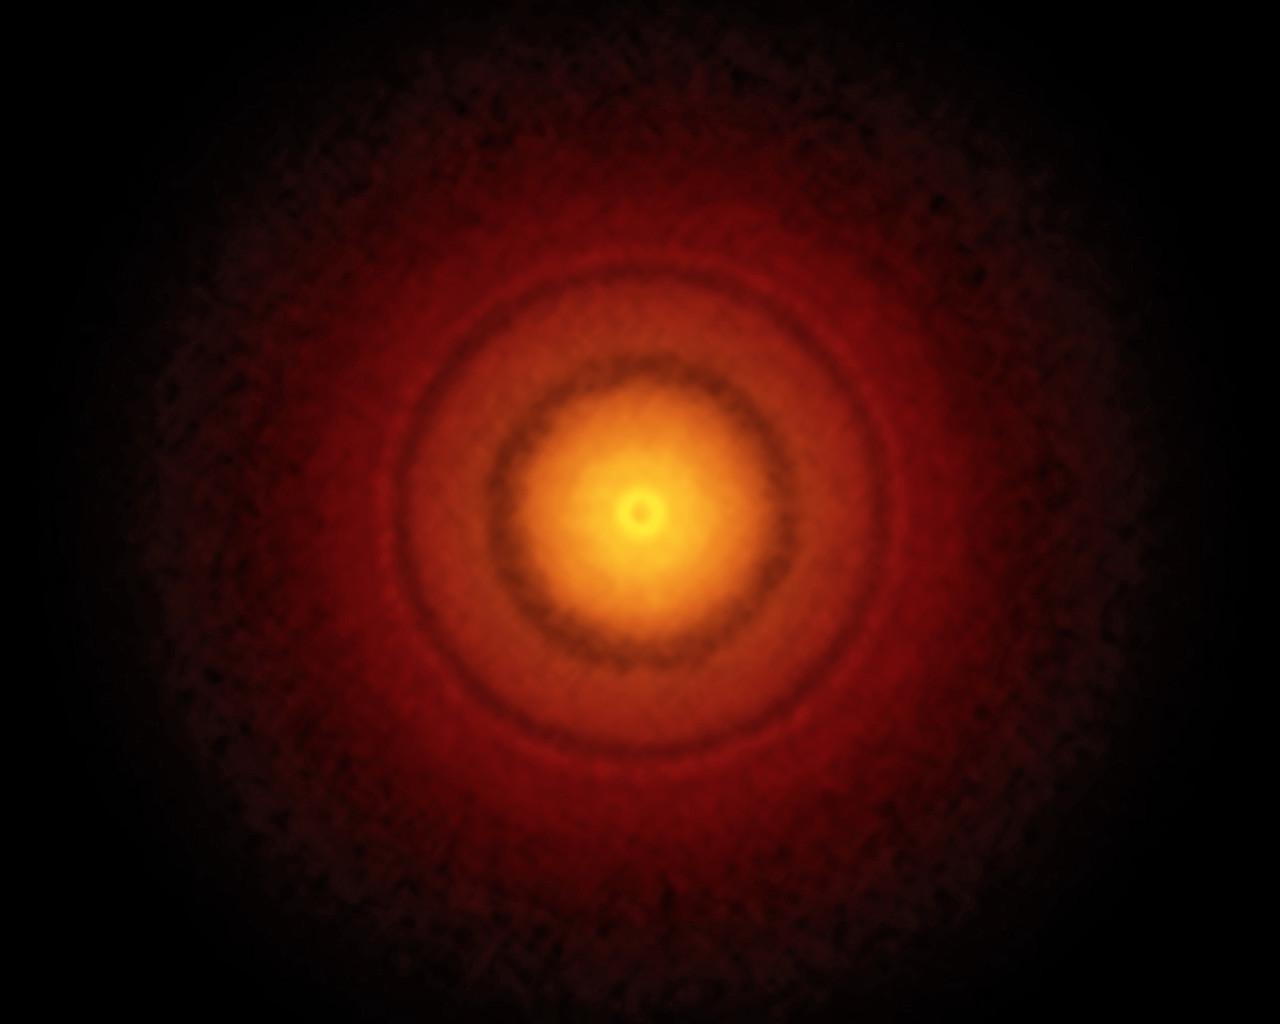 Evidencia de formación planetaria alrededor de una estrella joven...